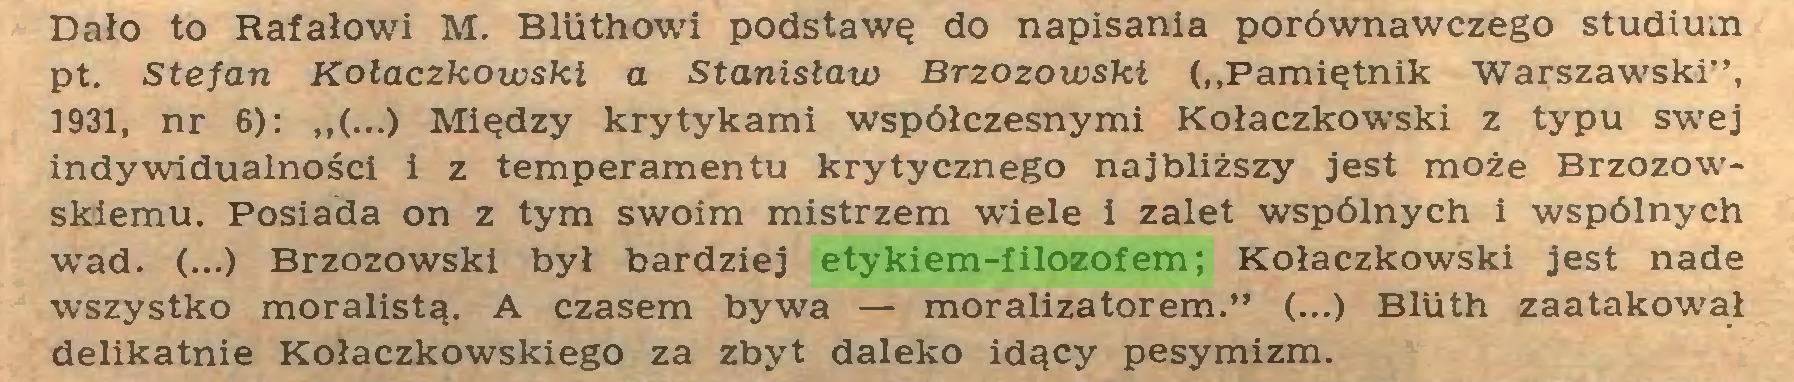 """(...) Dało to Rafałowi M. Bliithowi podstawę do napisania porównawczego studium pt. Stefan Kołaczkowski a Stanisław Brzozowski (""""Pamiętnik Warszawski"""", 1931, nr 6): ,,(...) Między krytykami współczesnymi Kołaczkowski z typu swej indywidualności i z temperamentu krytycznego najbliższy jest może Brzozowskiemu. Posiada on z tym swoim mistrzem wiele i zalet wspólnych i wspólnych wad. (...) Brzozowski był bardziej etykiem-filozofem; Kołaczkowski jest nade wszystko moralistą. A czasem bywa — moralizatorem."""" (...) Bliith zaatakował delikatnie Kołaczkowskiego za zbyt daleko idący pesymizm..."""